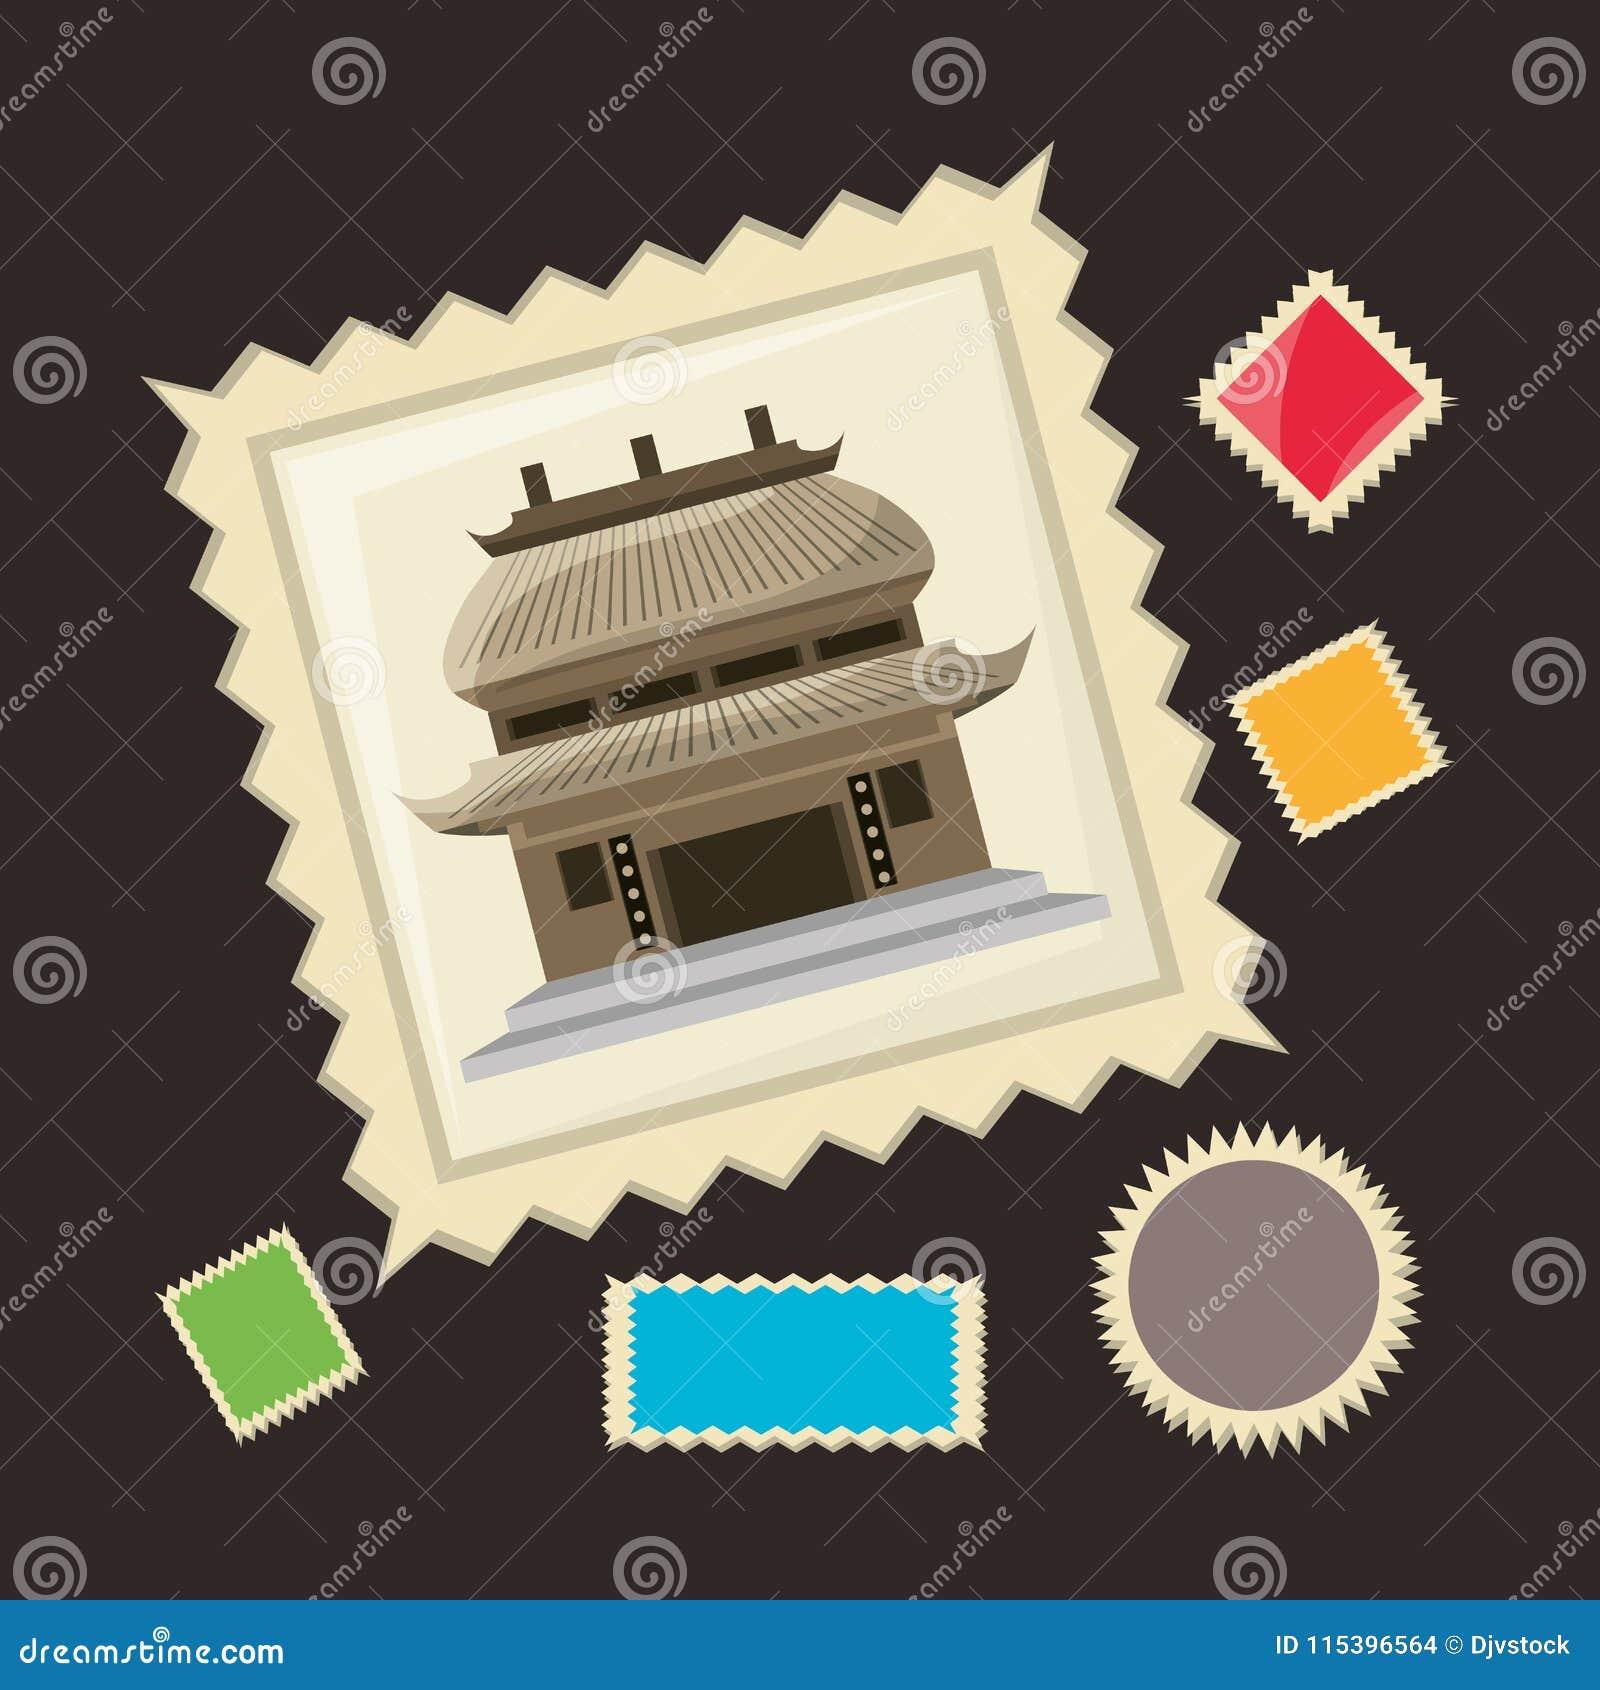 Chiński architektura obrazek pamiętać podróż